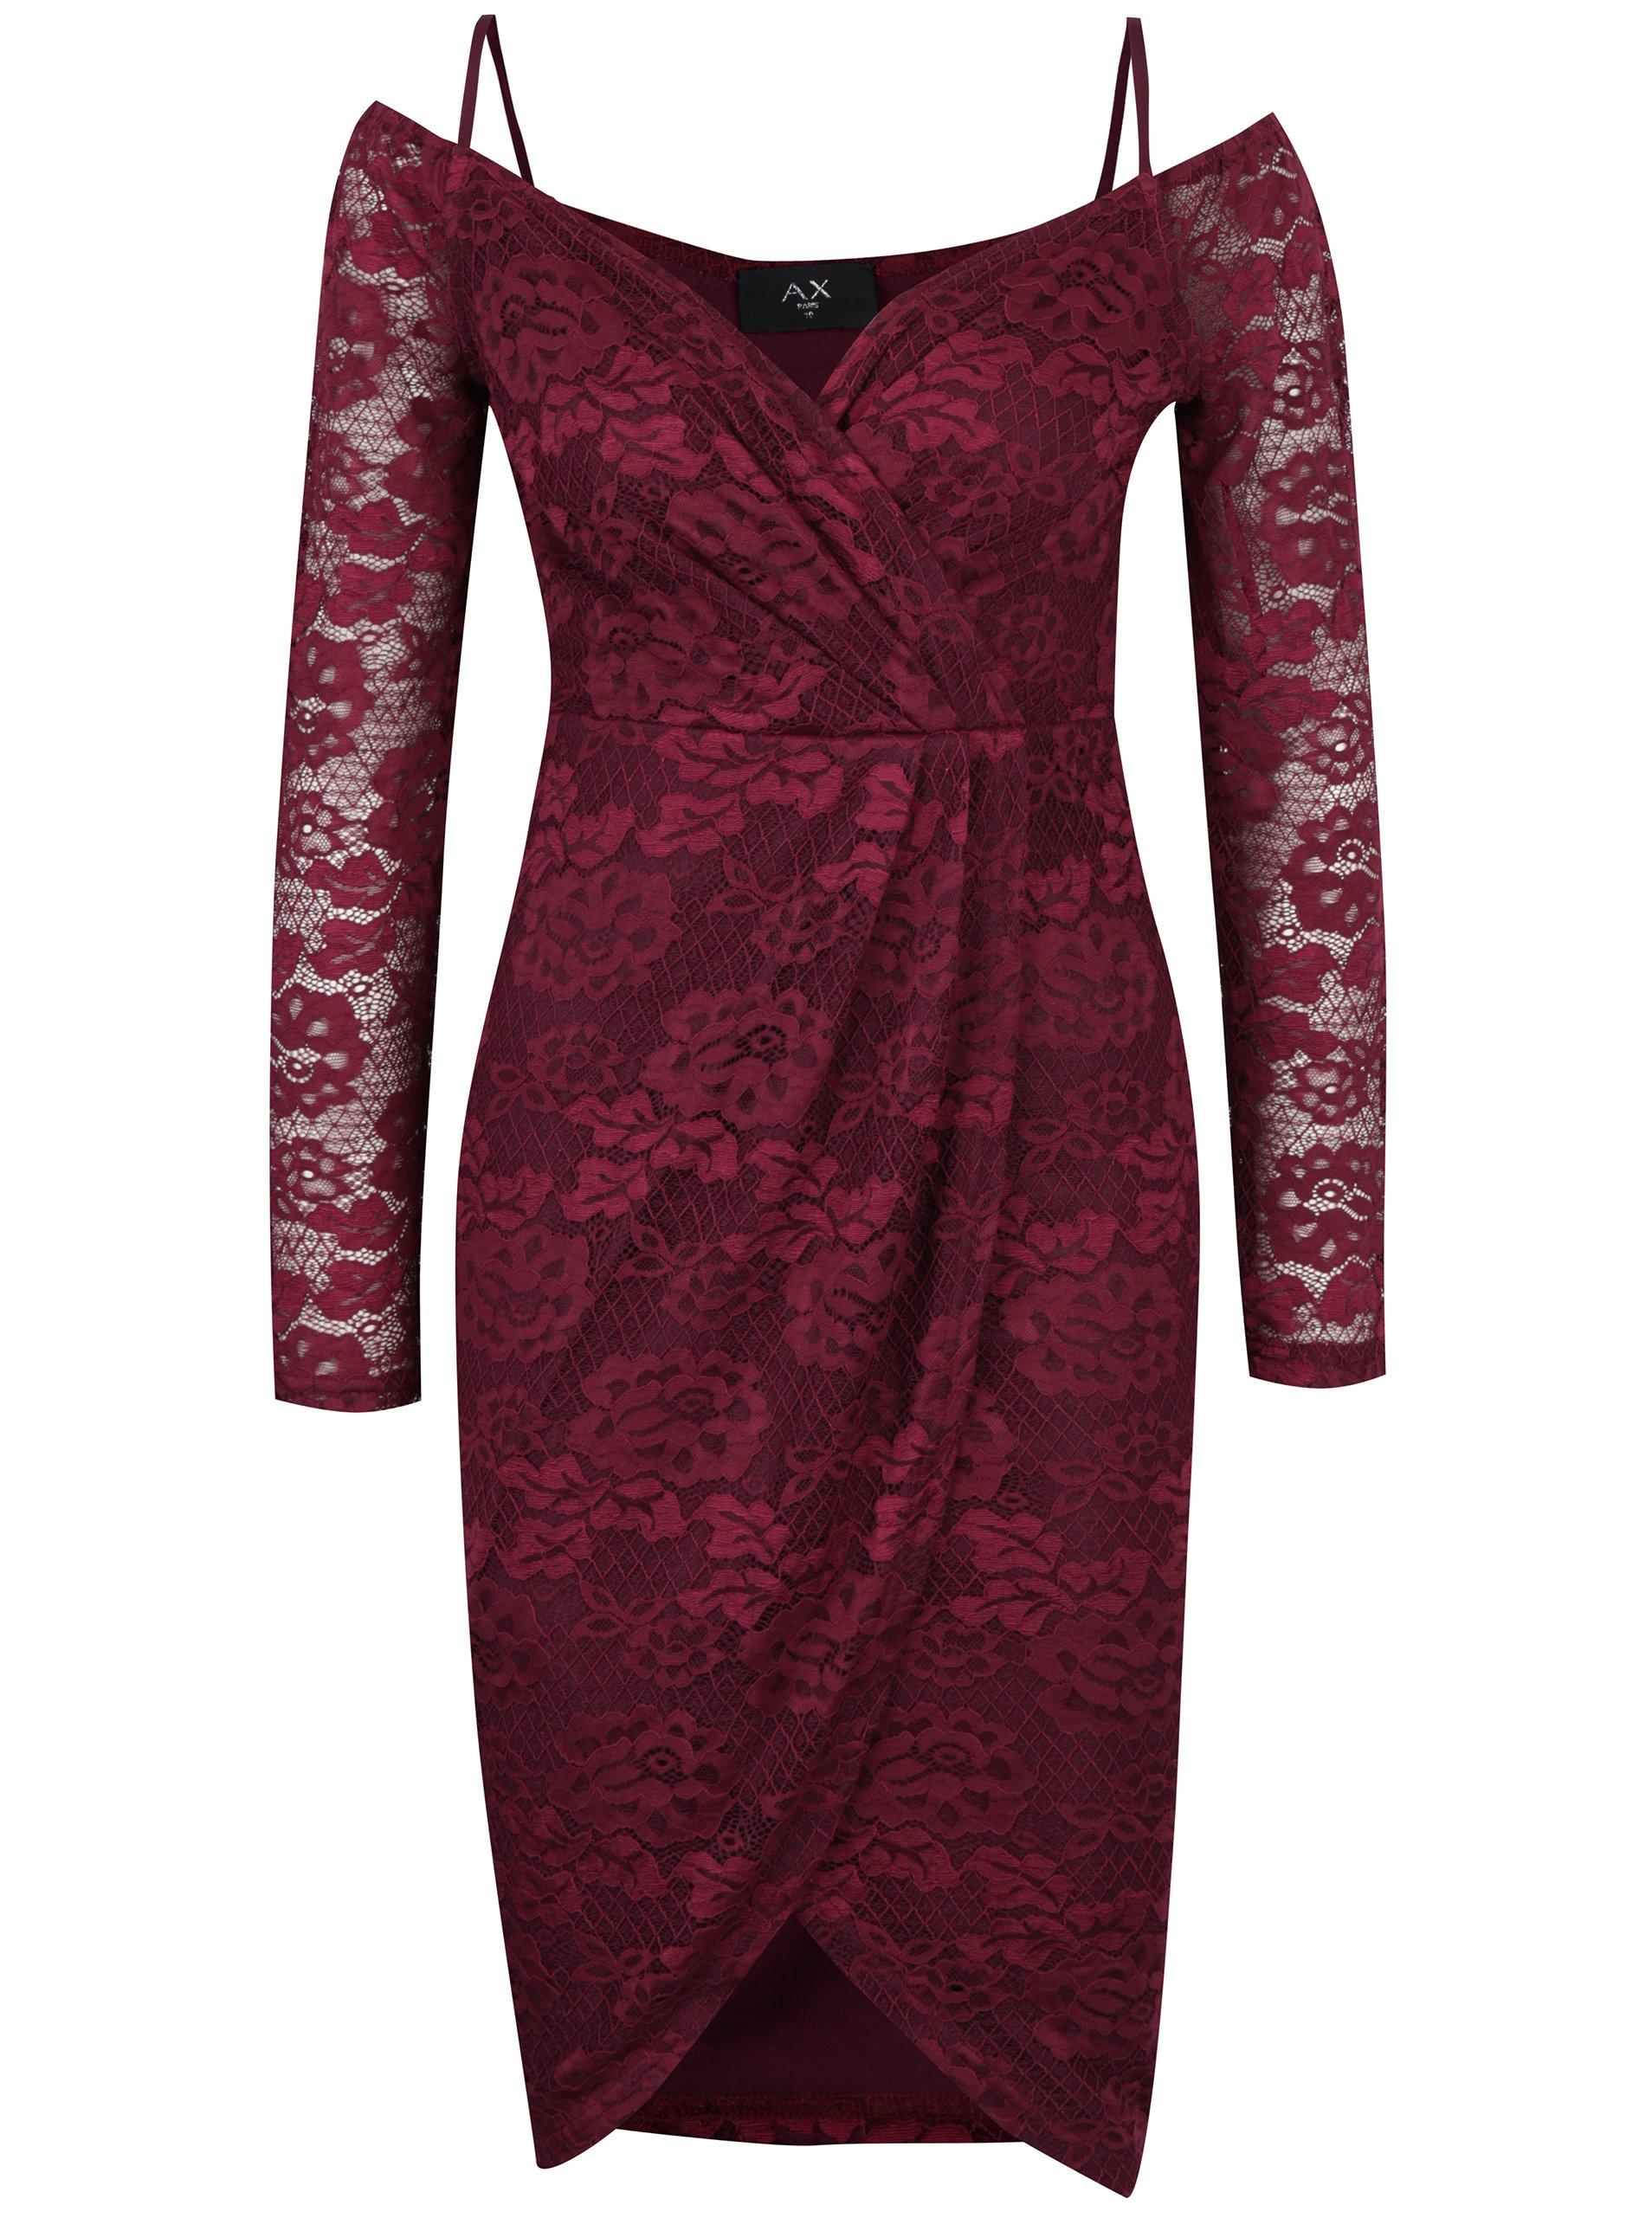 Fialové čipkované puzdrové šaty AX Paris  01c9bdaacf7